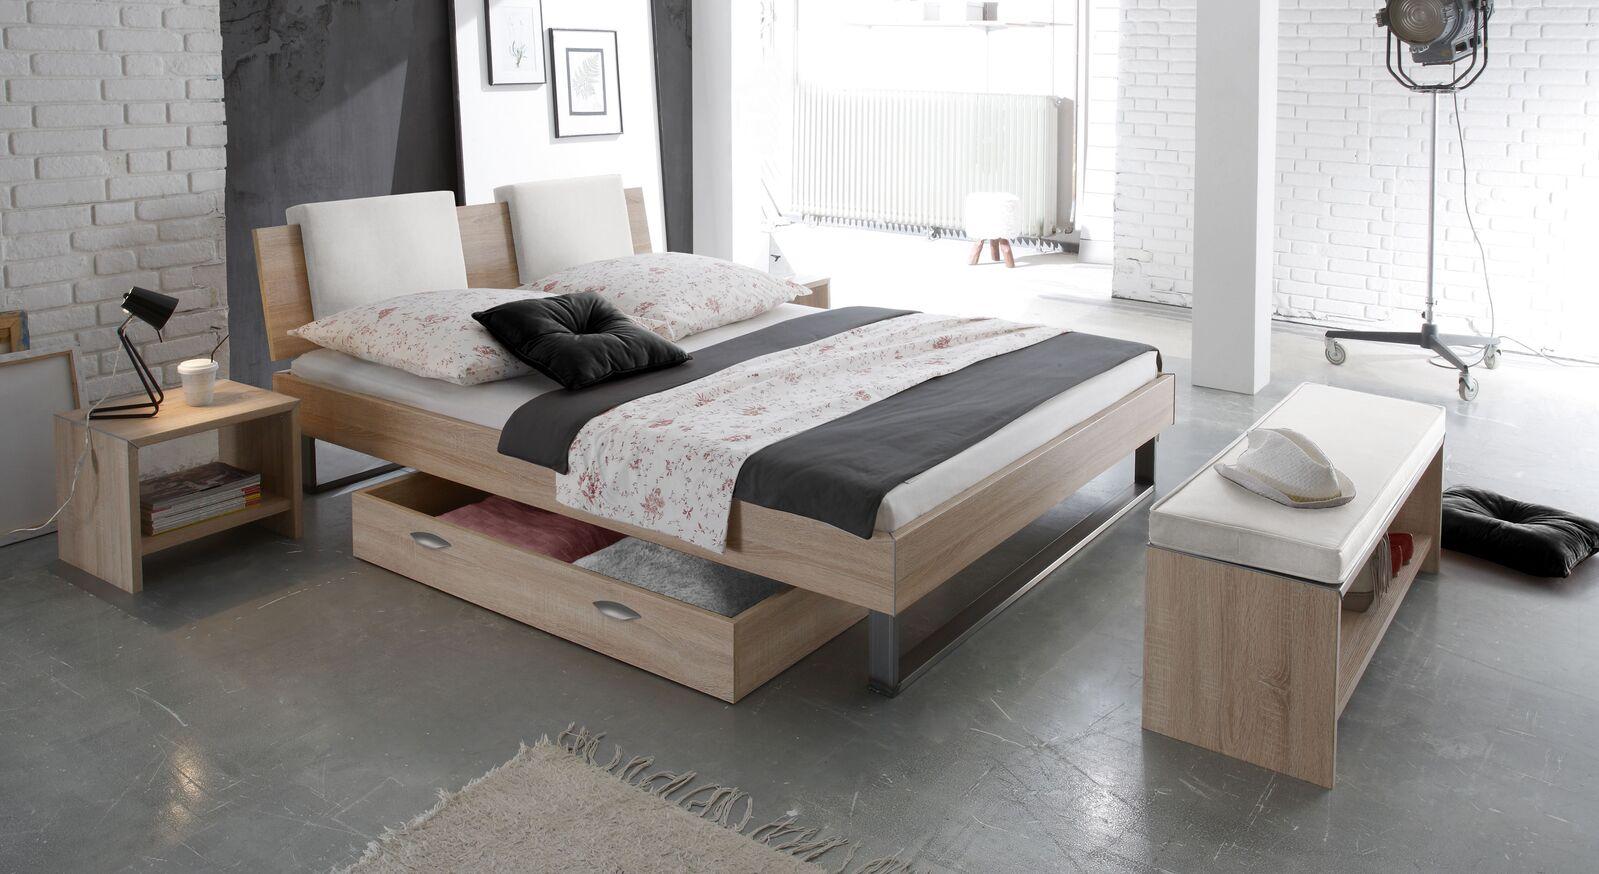 Bett Torbay mit passender Schlafzimmerausstattung